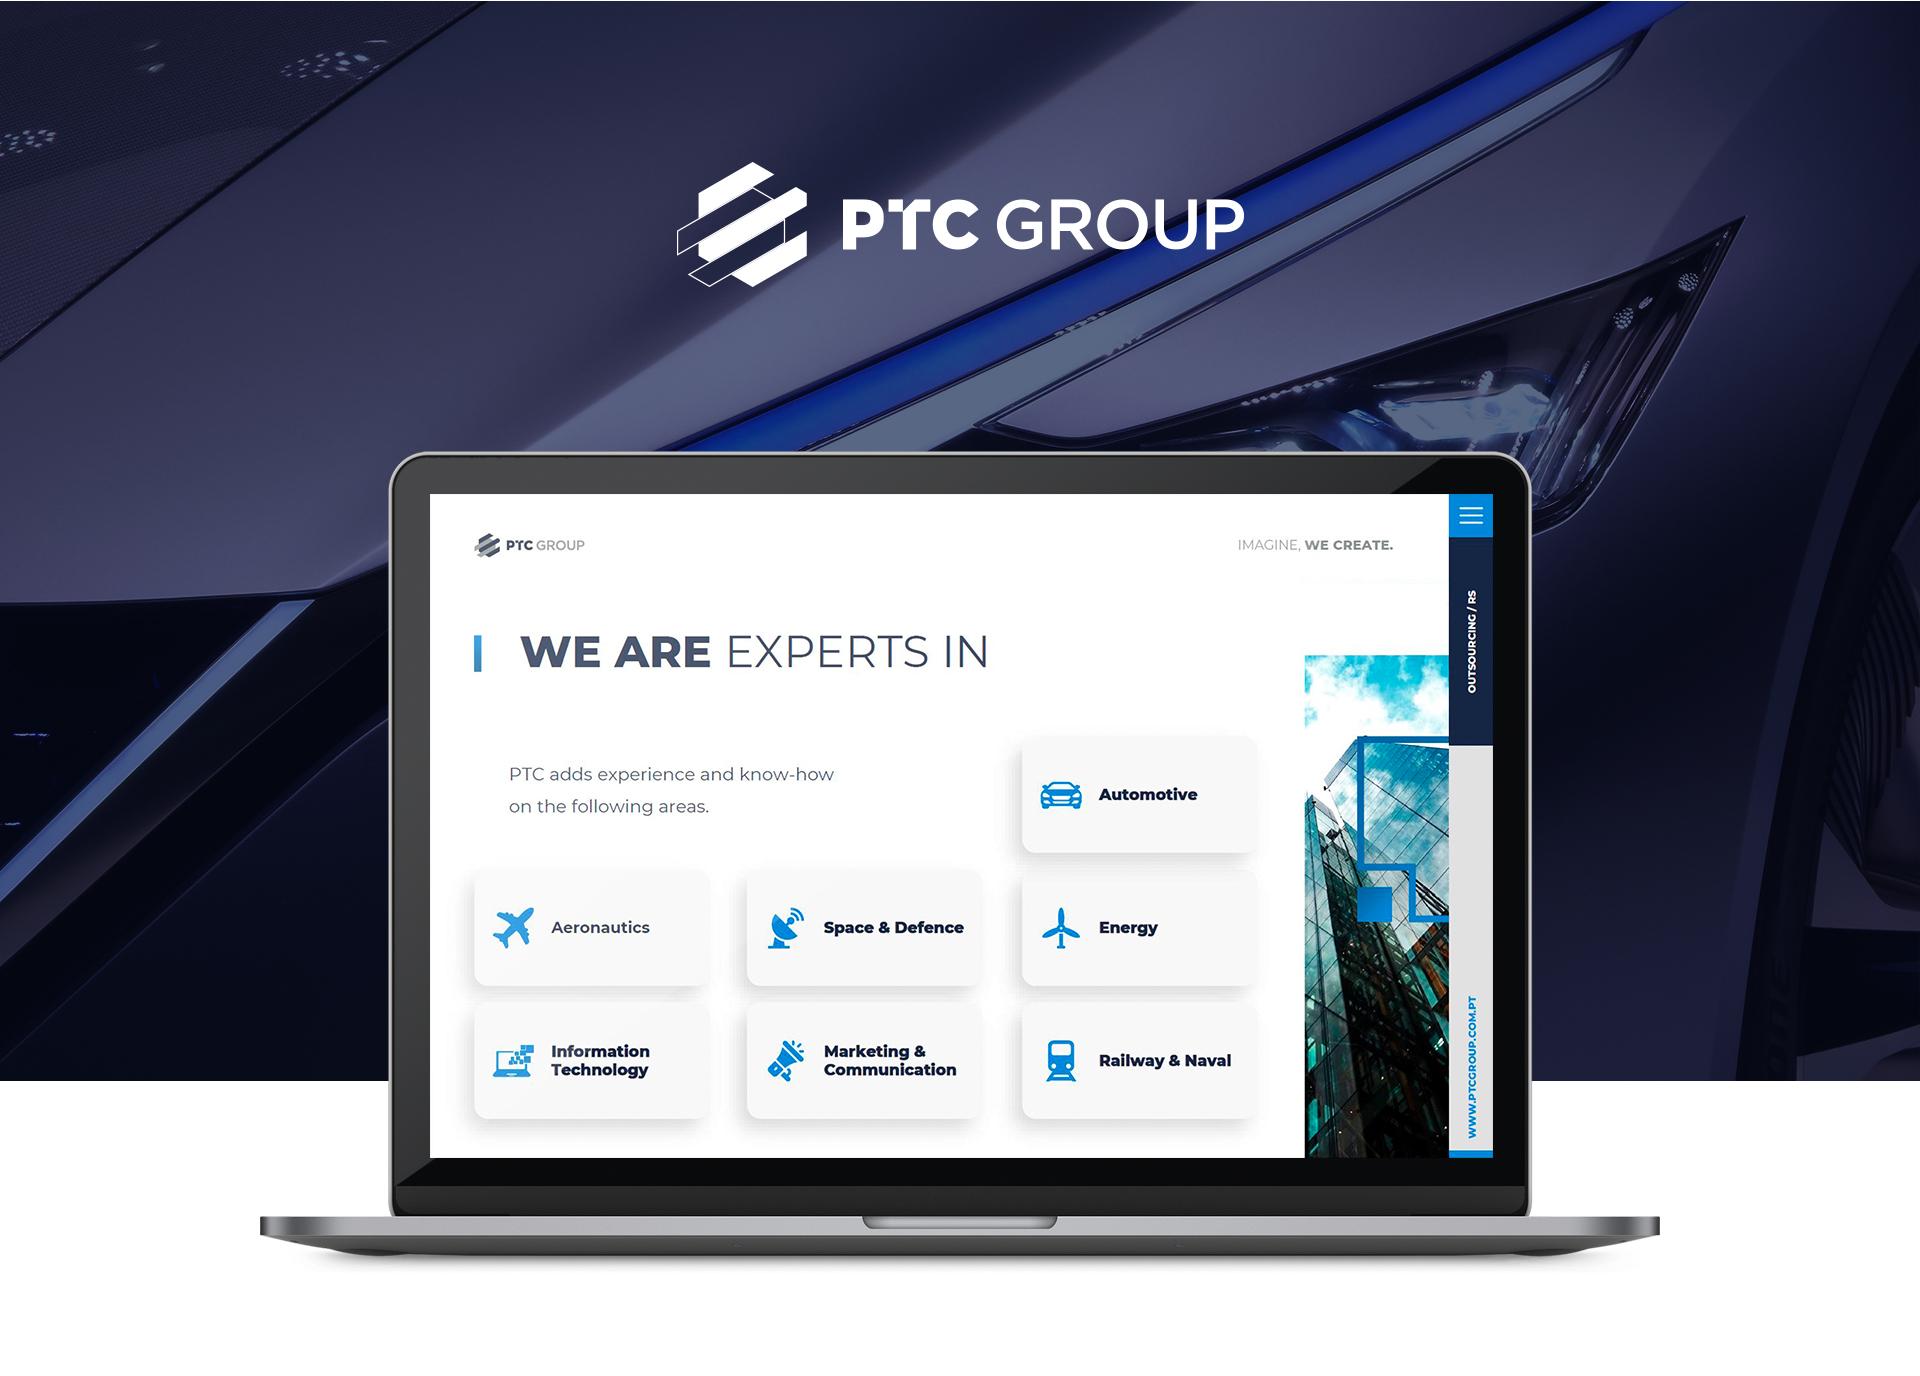 PTC Group Apresentação